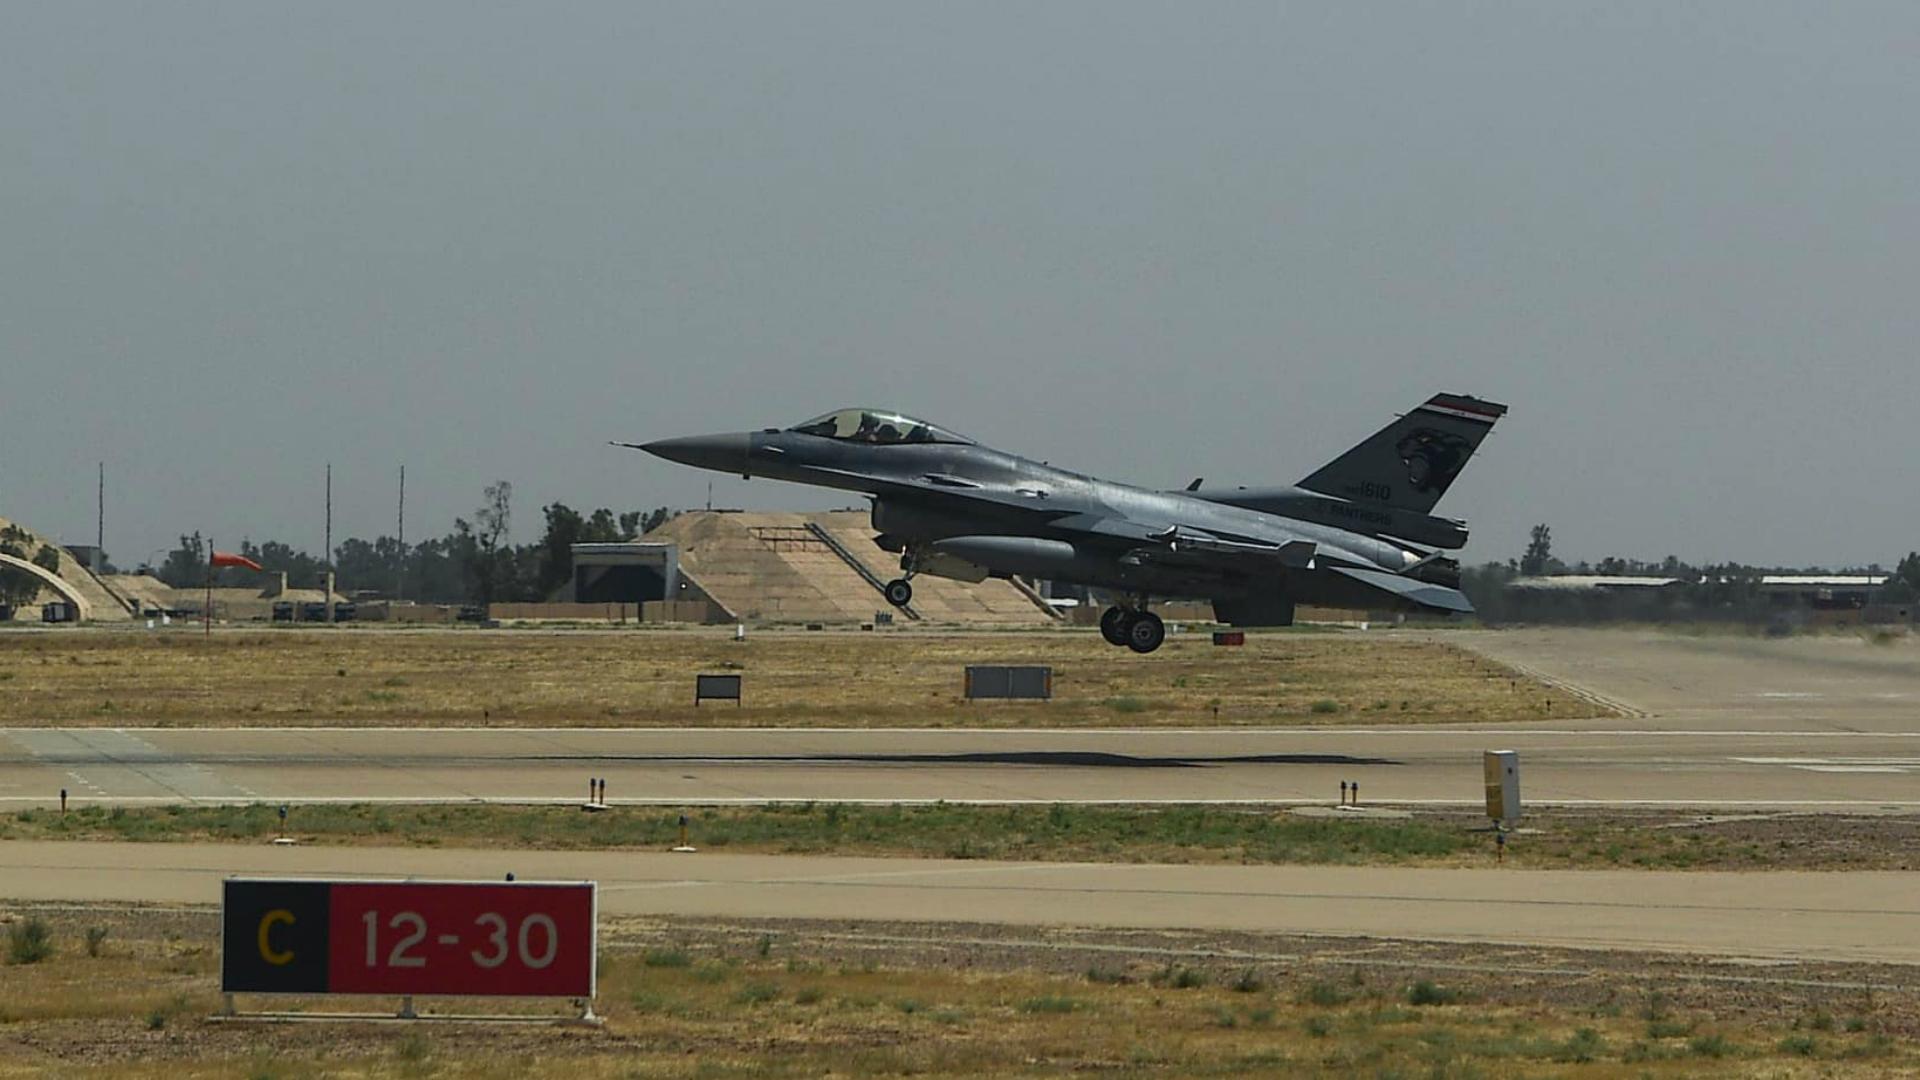 العمليات المشتركة: فنيون عراقيون يجهزون طائرات أف ١٦